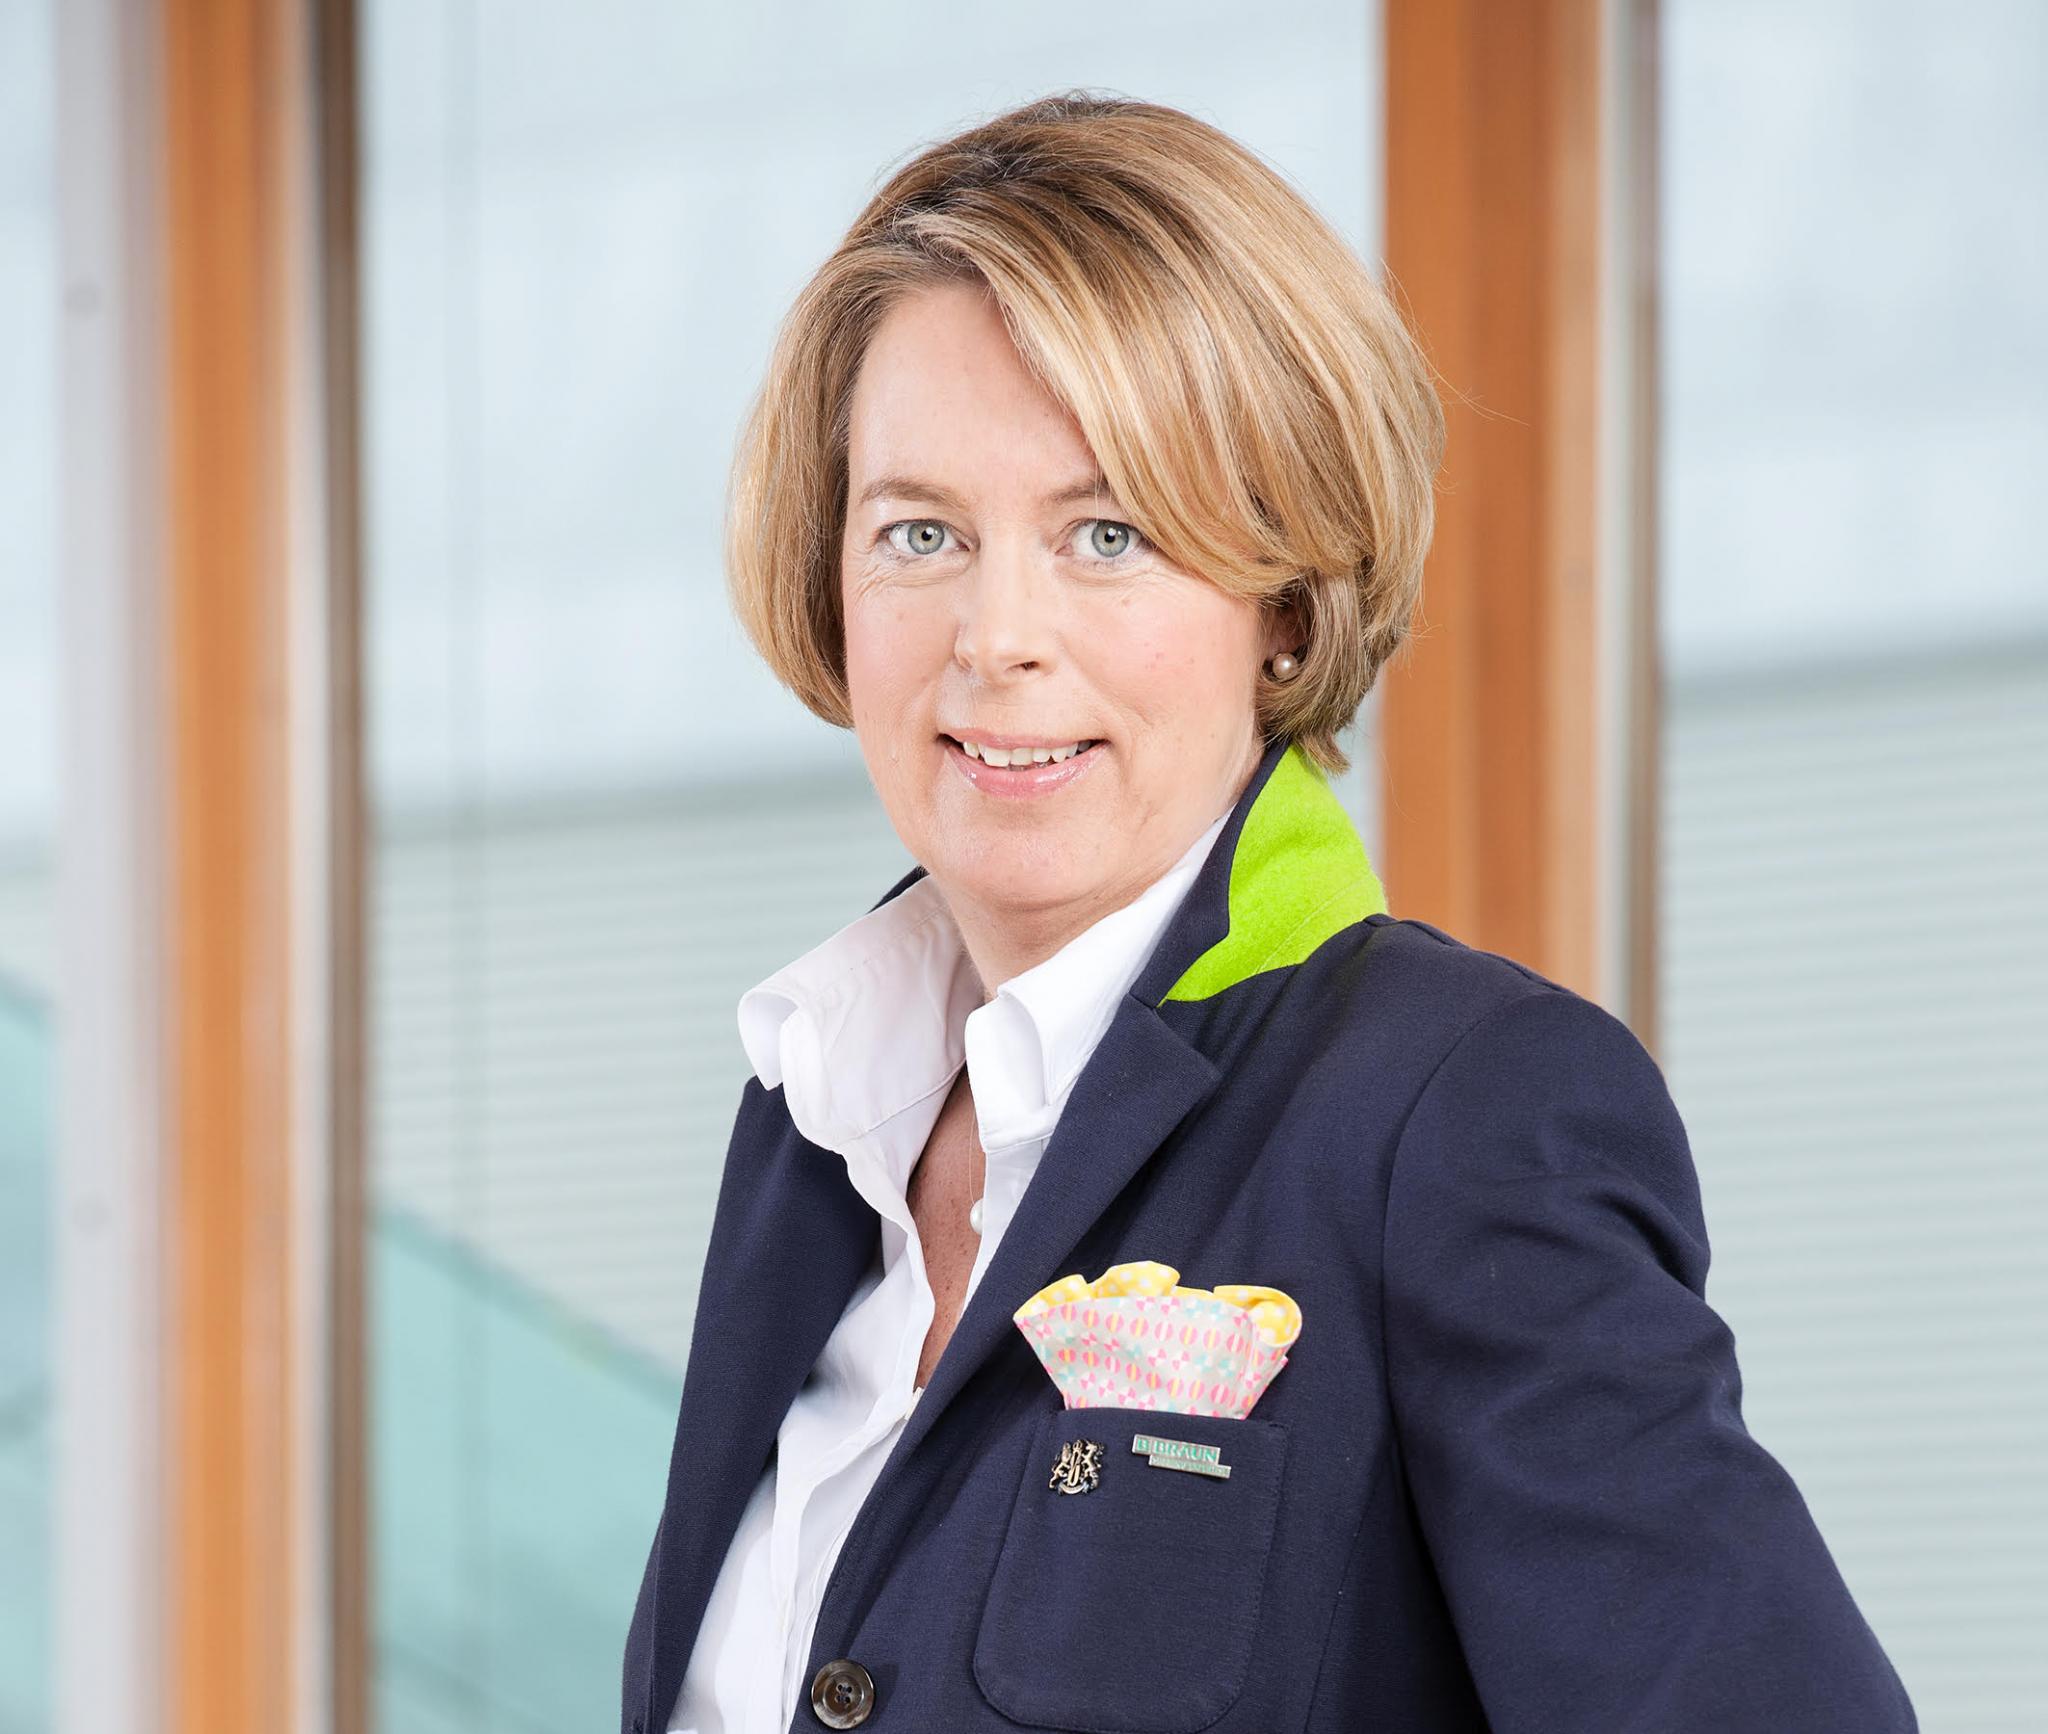 Dr. Bernadette Tillmanns-Estorf